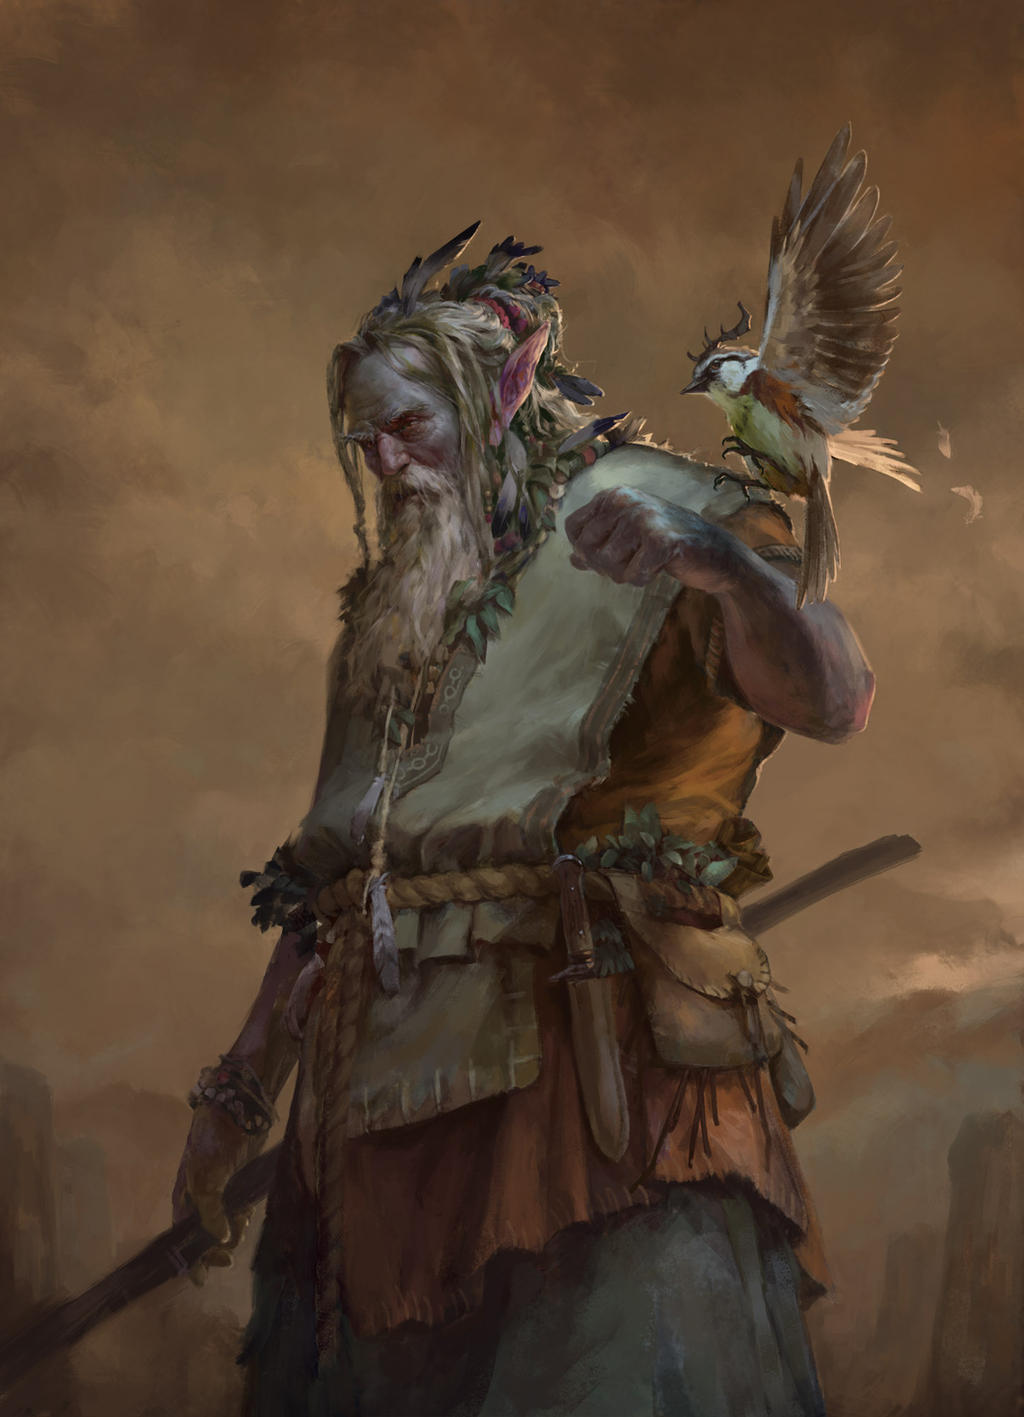 Ilustraciones sueltas chulas encontradas por el internete - Página 4 Druid_by_dusint-daehxm2